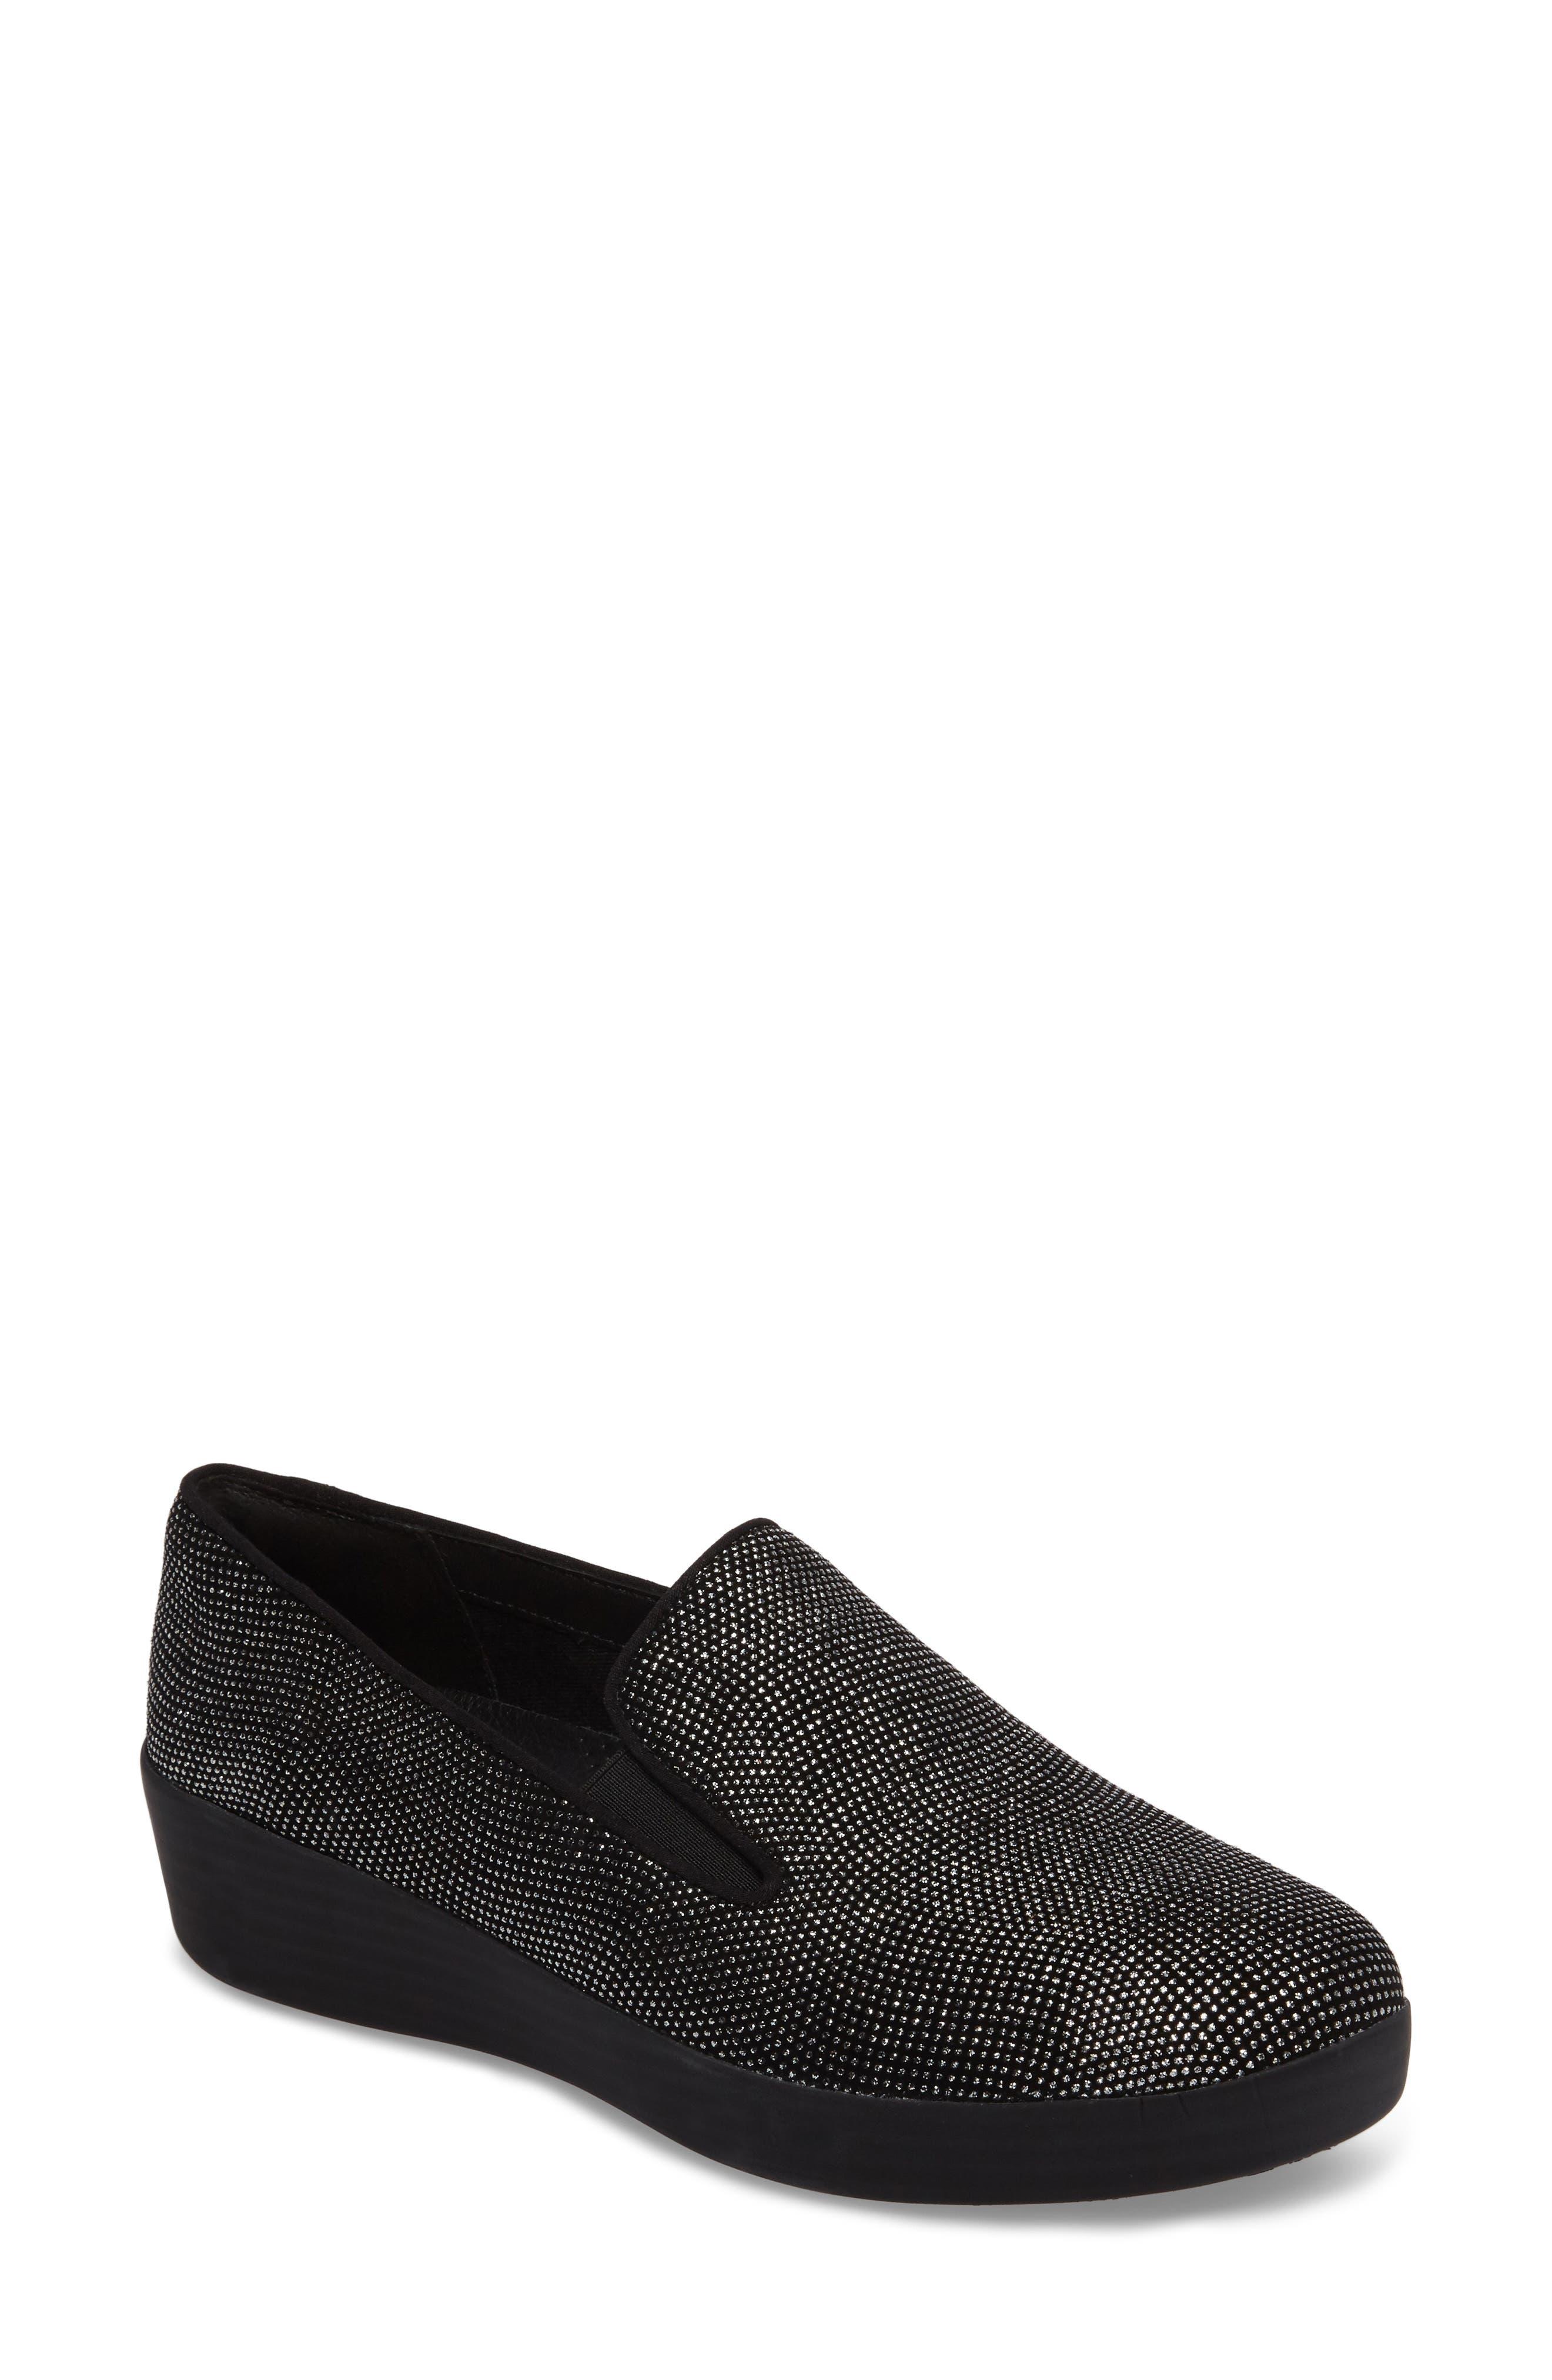 Alternate Image 1 Selected - FitFlop Superskate Glitter Dot Slip-On Sneaker (Women)